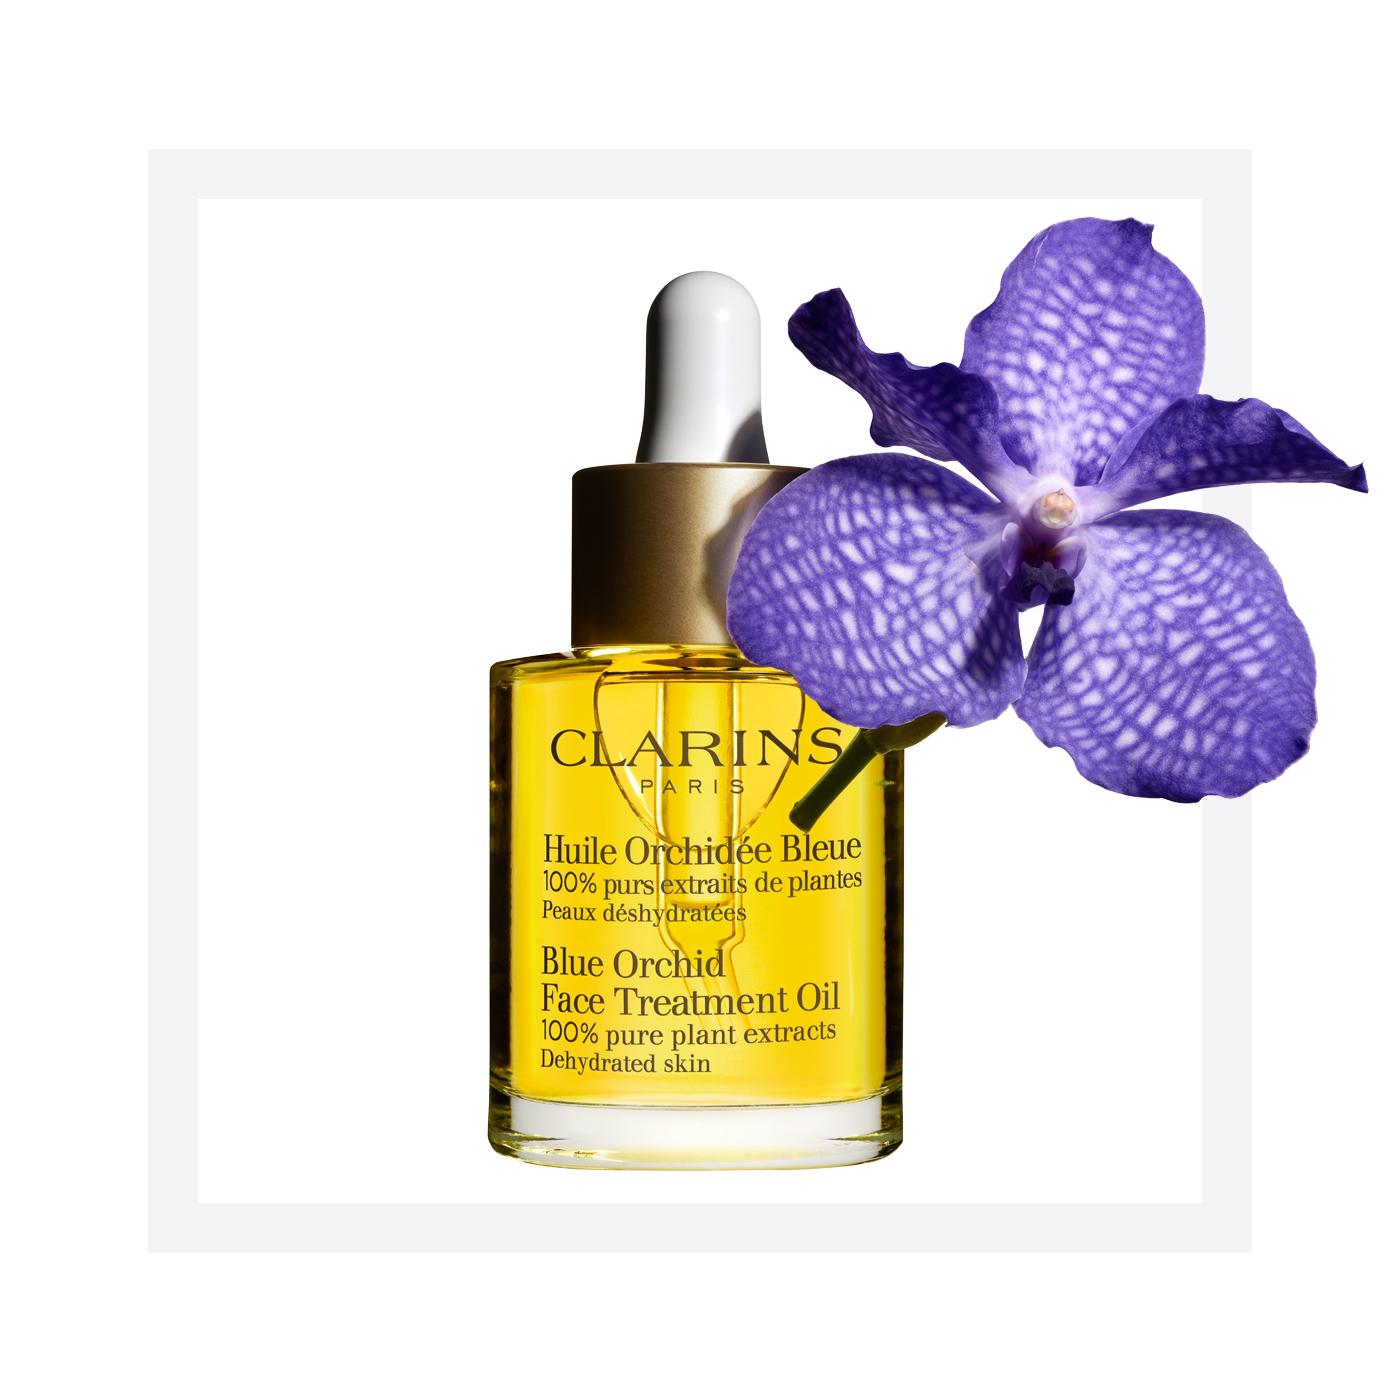 ผลการค้นหารูปภาพสำหรับ clarins blue orchid face treatment oil